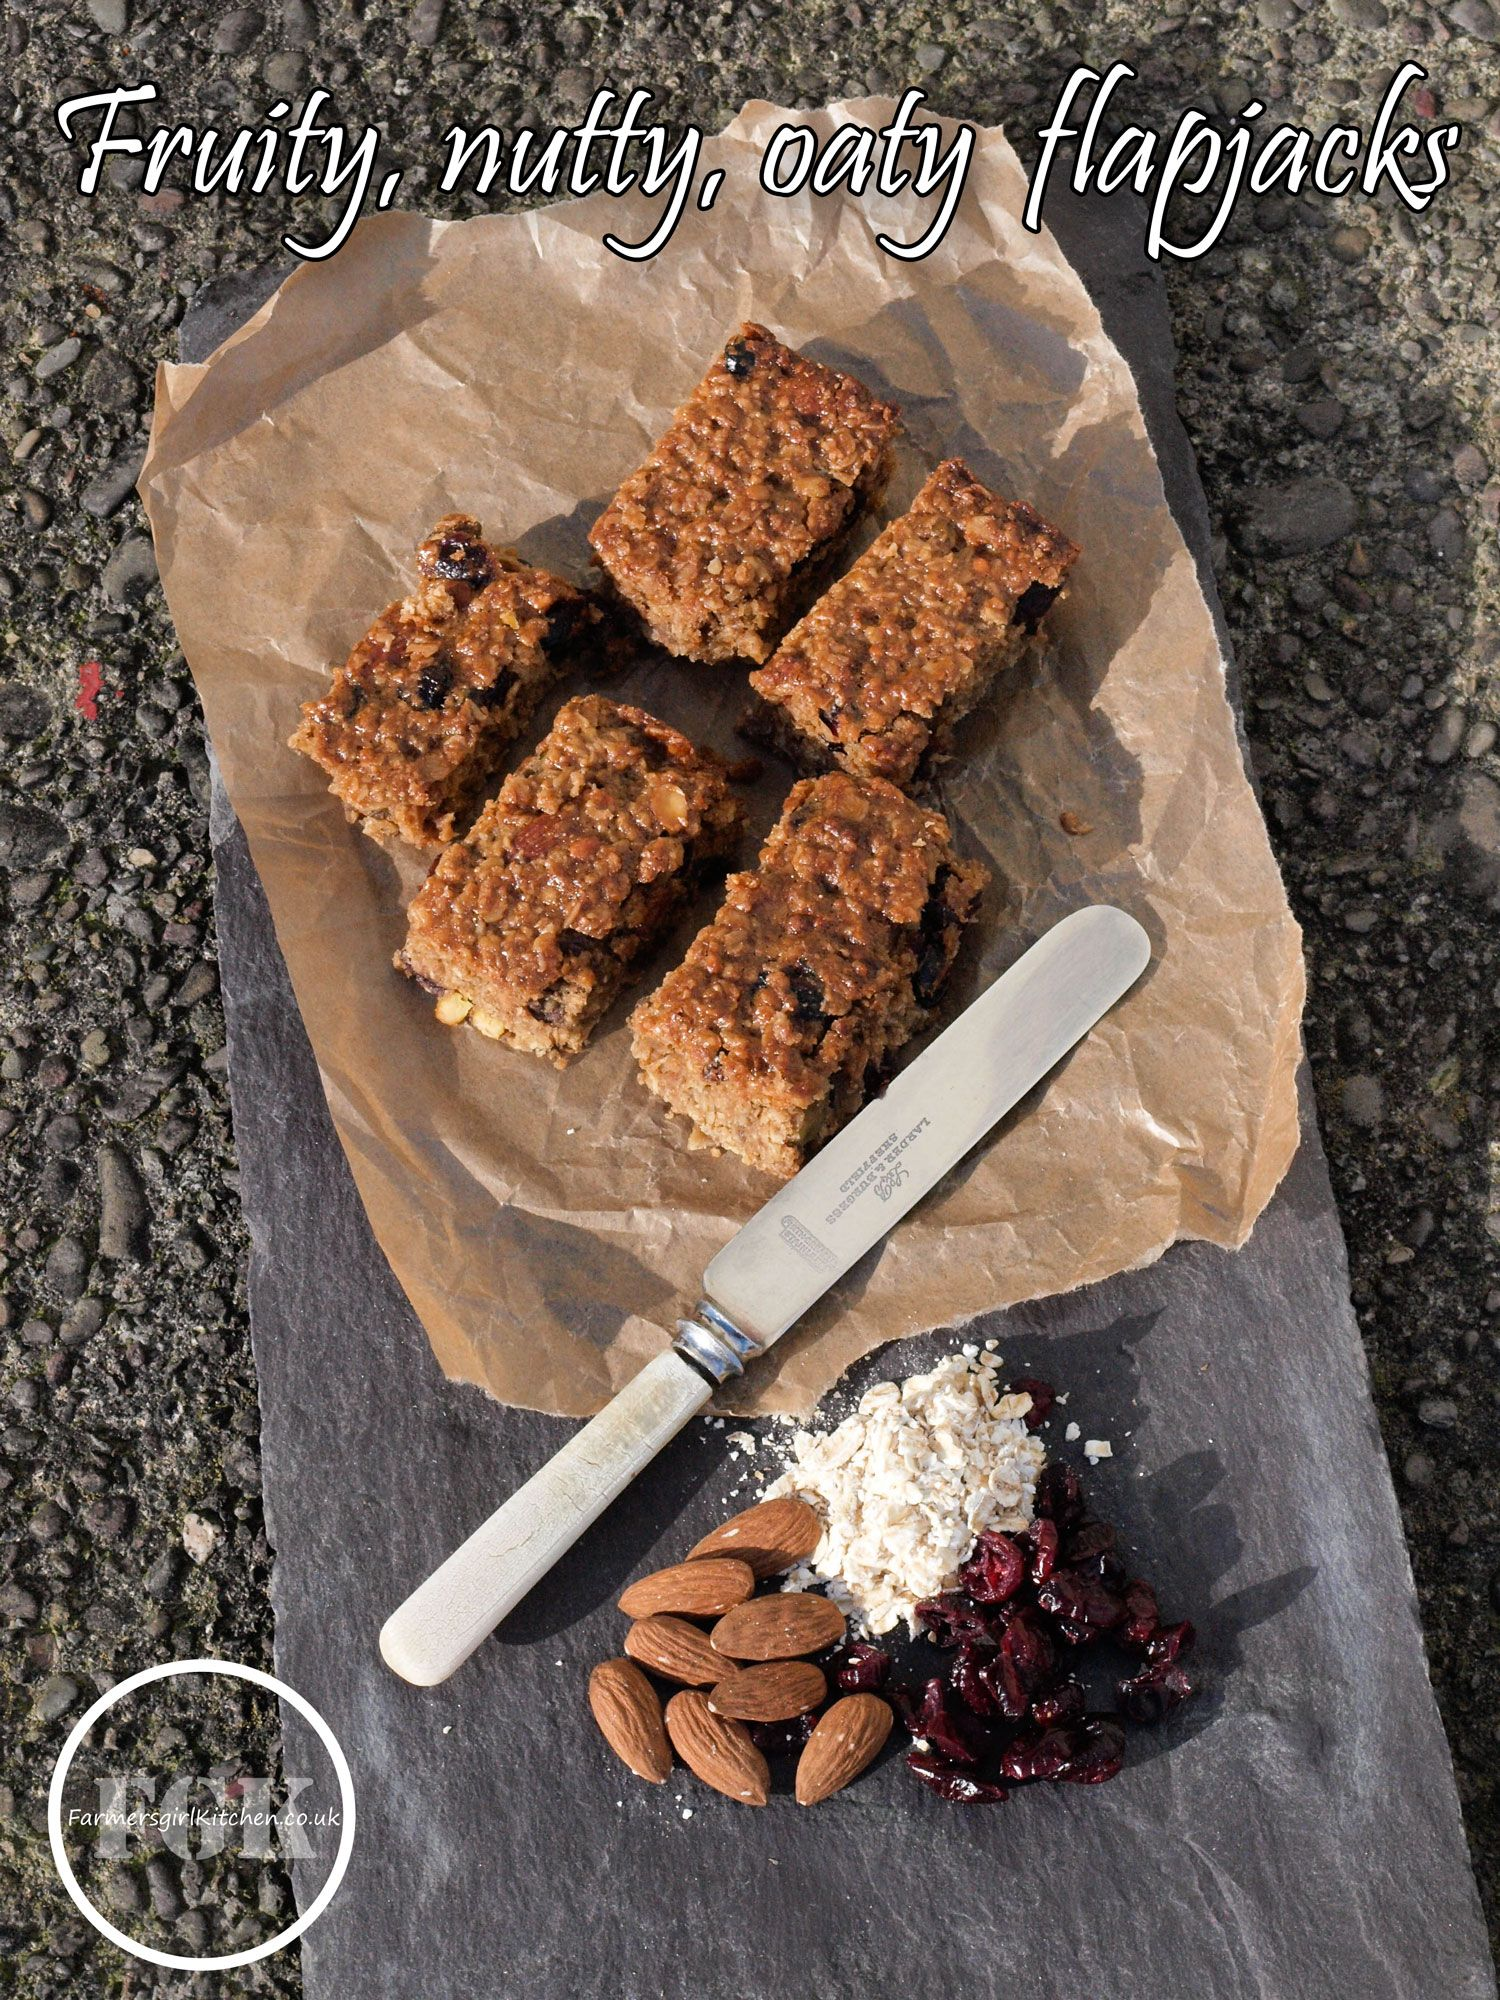 47 Recipe Tasty Fruity Flapjacks: Fruity, Nutty, Oaty Flapjacks #Oats #flapjacks #recipe